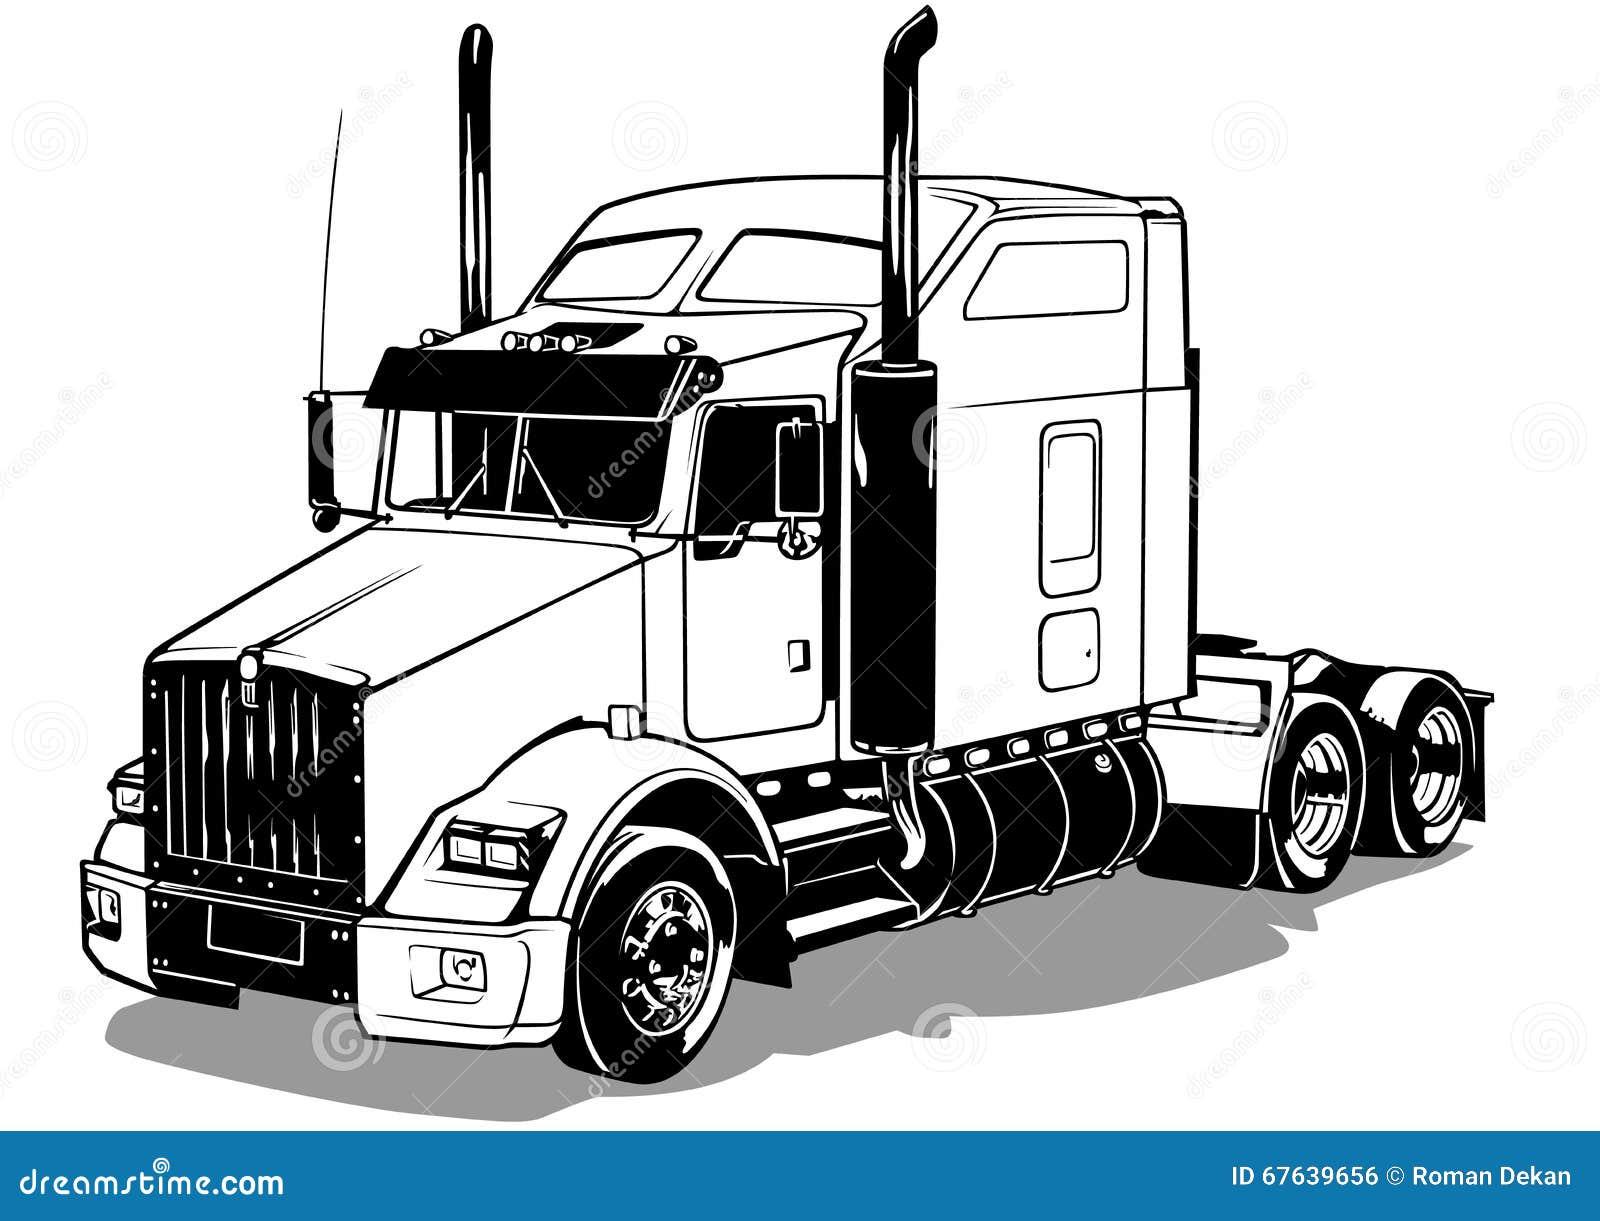 Camion am ricain illustration de vecteur image 67639656 - Camion americain dessin ...